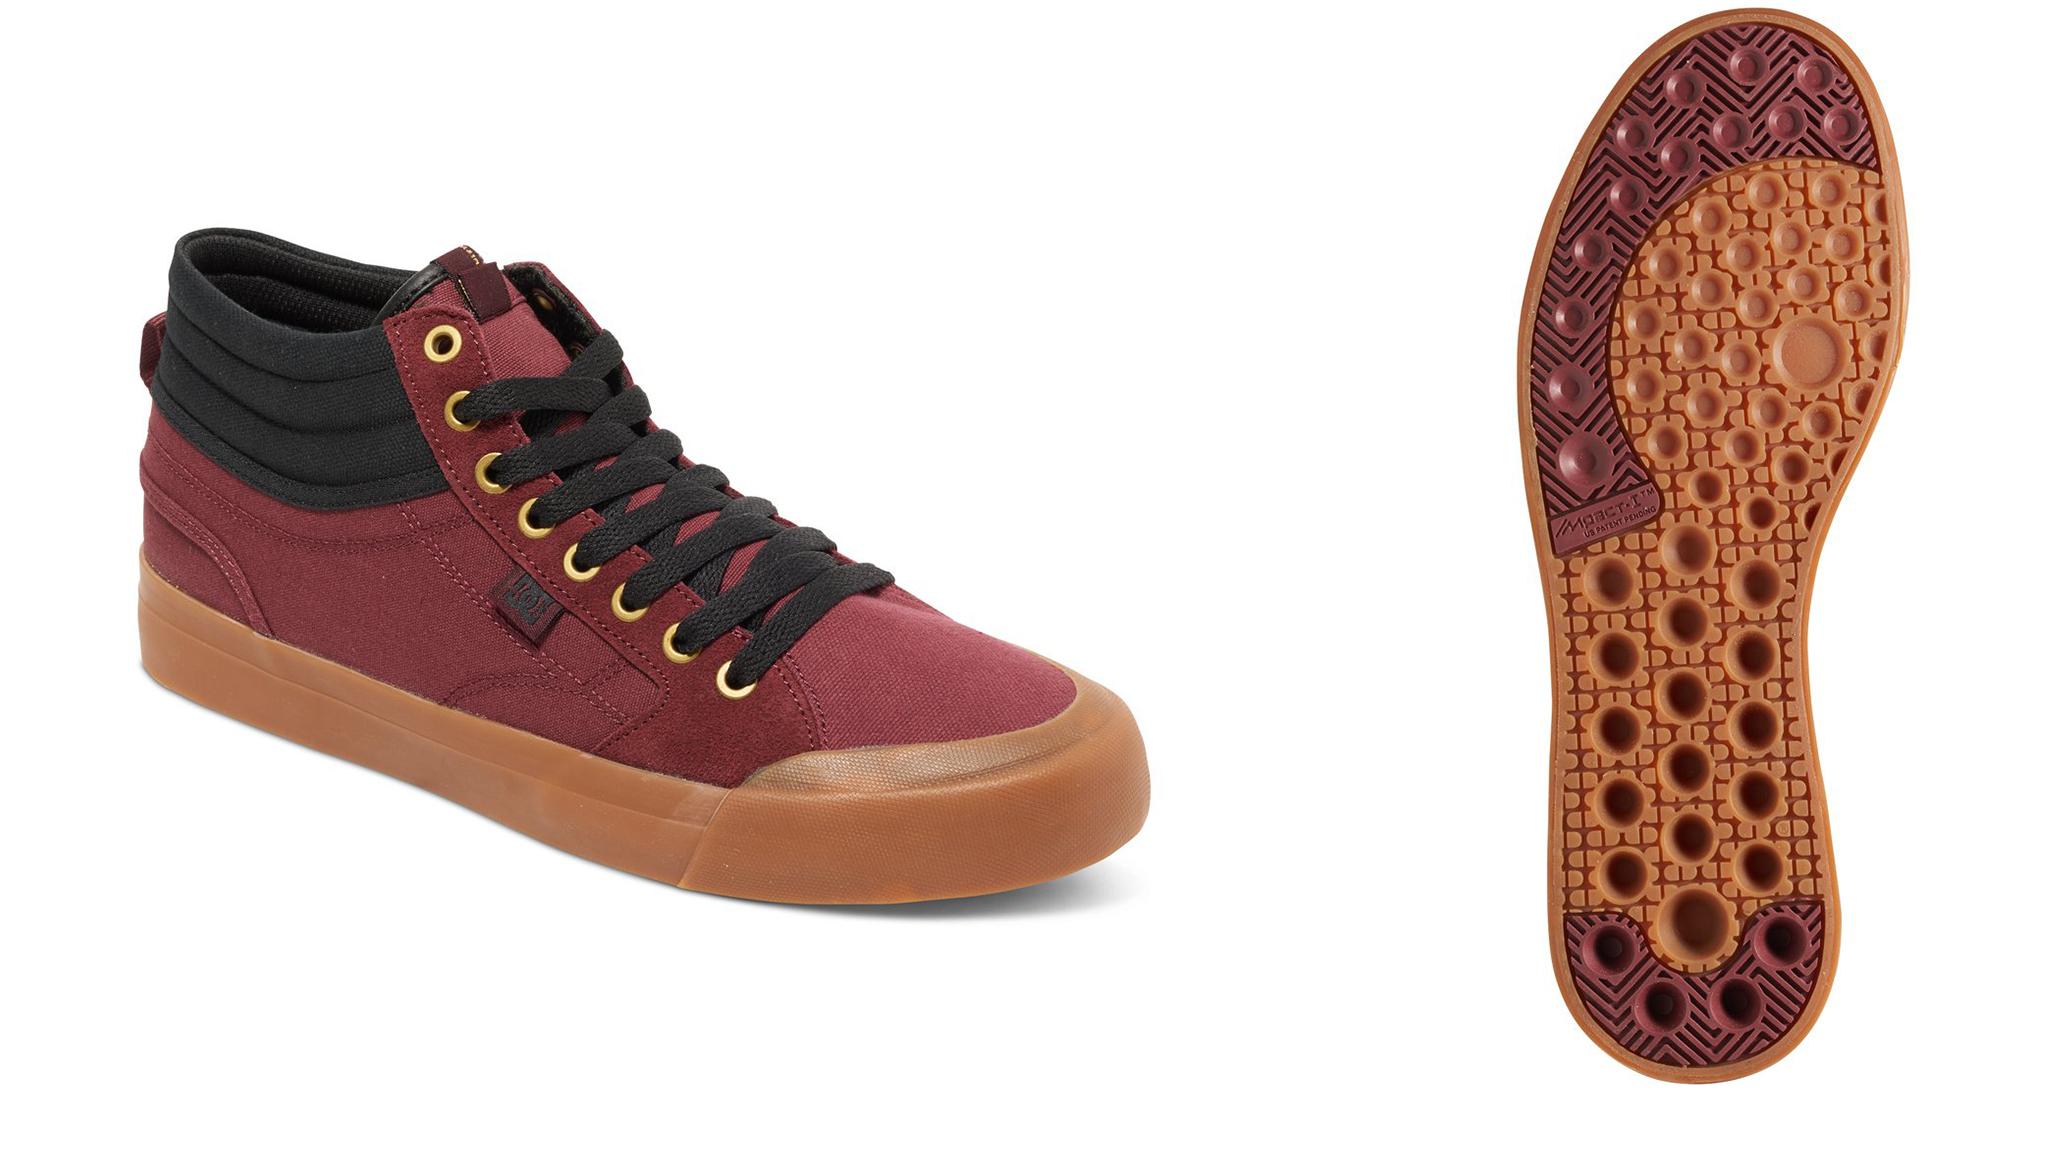 DC Zapatos Smith Evan Smith Hi DC Zapatos Evan Smith Zapatos Hi b5bd23